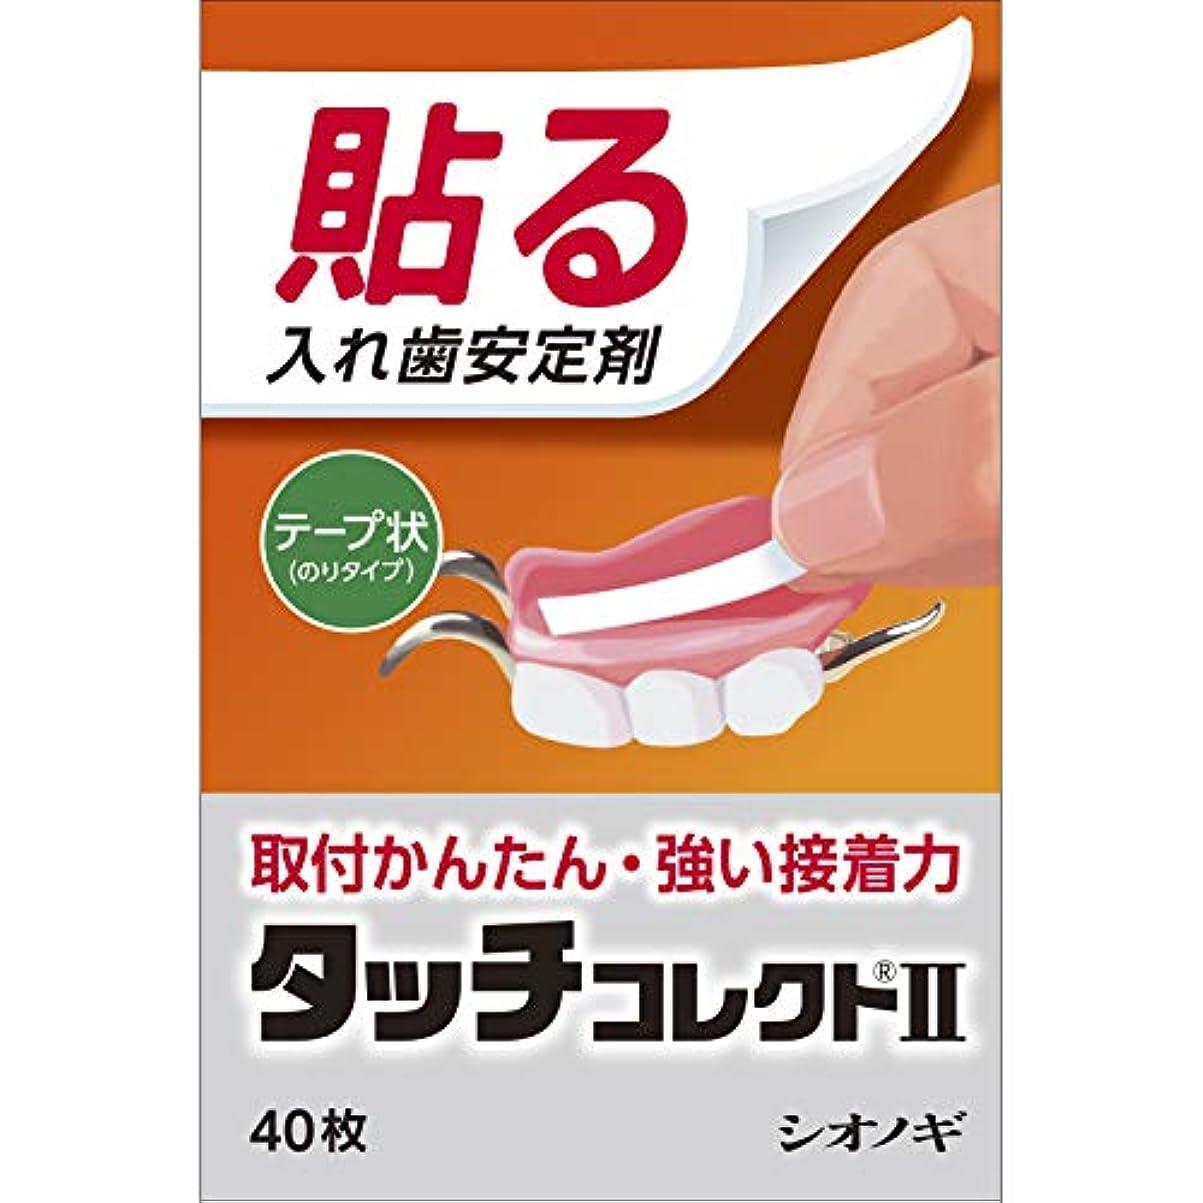 棚肌医学タッチコレクトII40枚